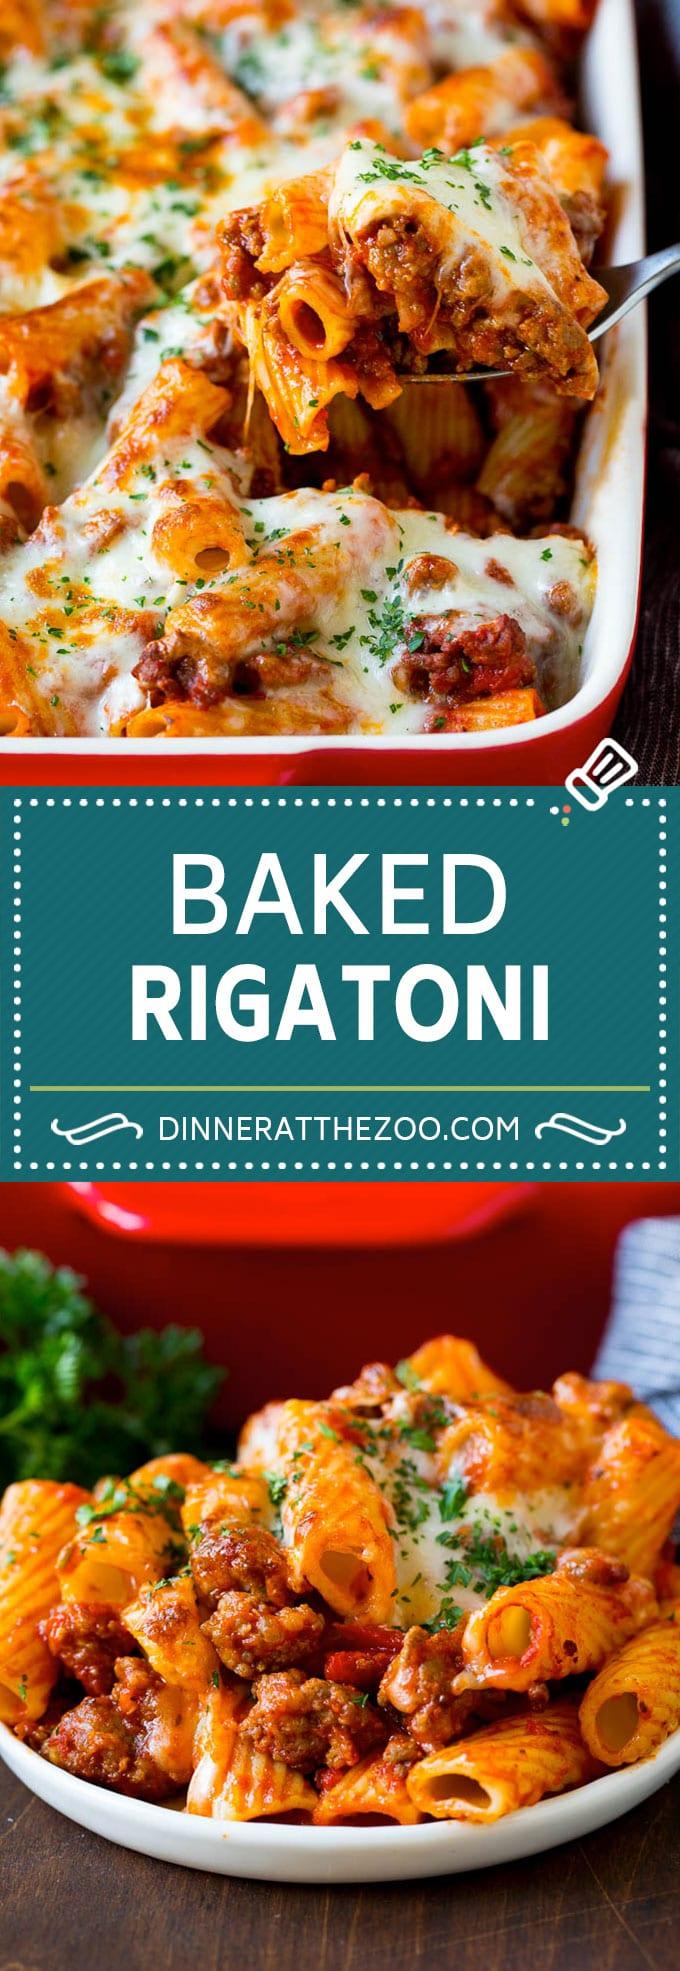 Baked Rigatoni Pasta #pasta #dinner #italianfood #groundbeef #dinneratthezoo #casserole